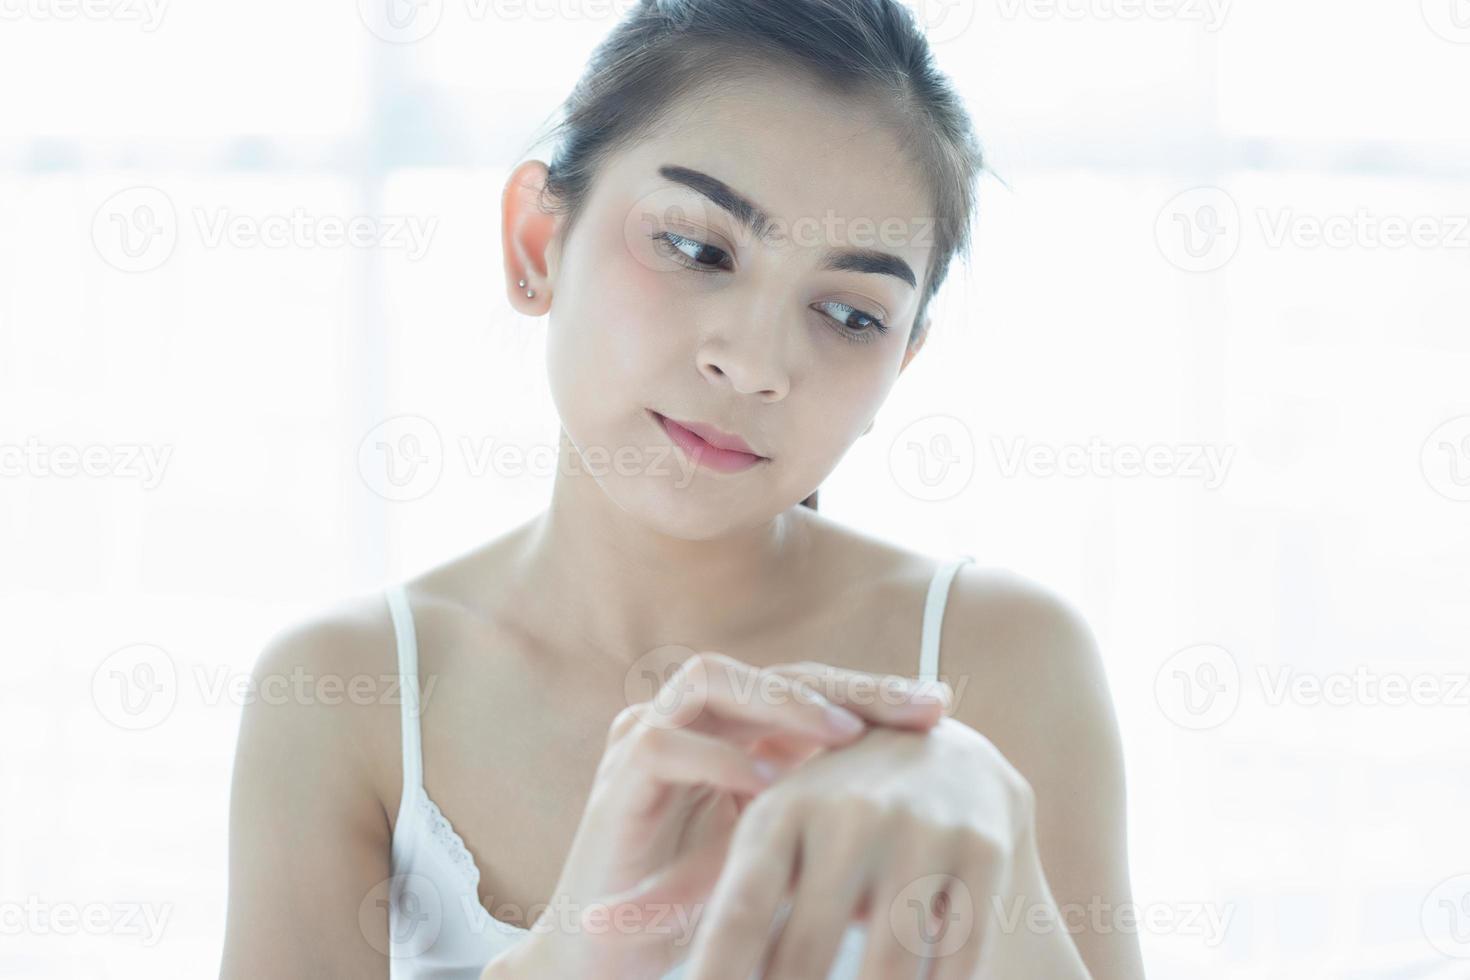 asiatisk kvinna återfuktar huden foto